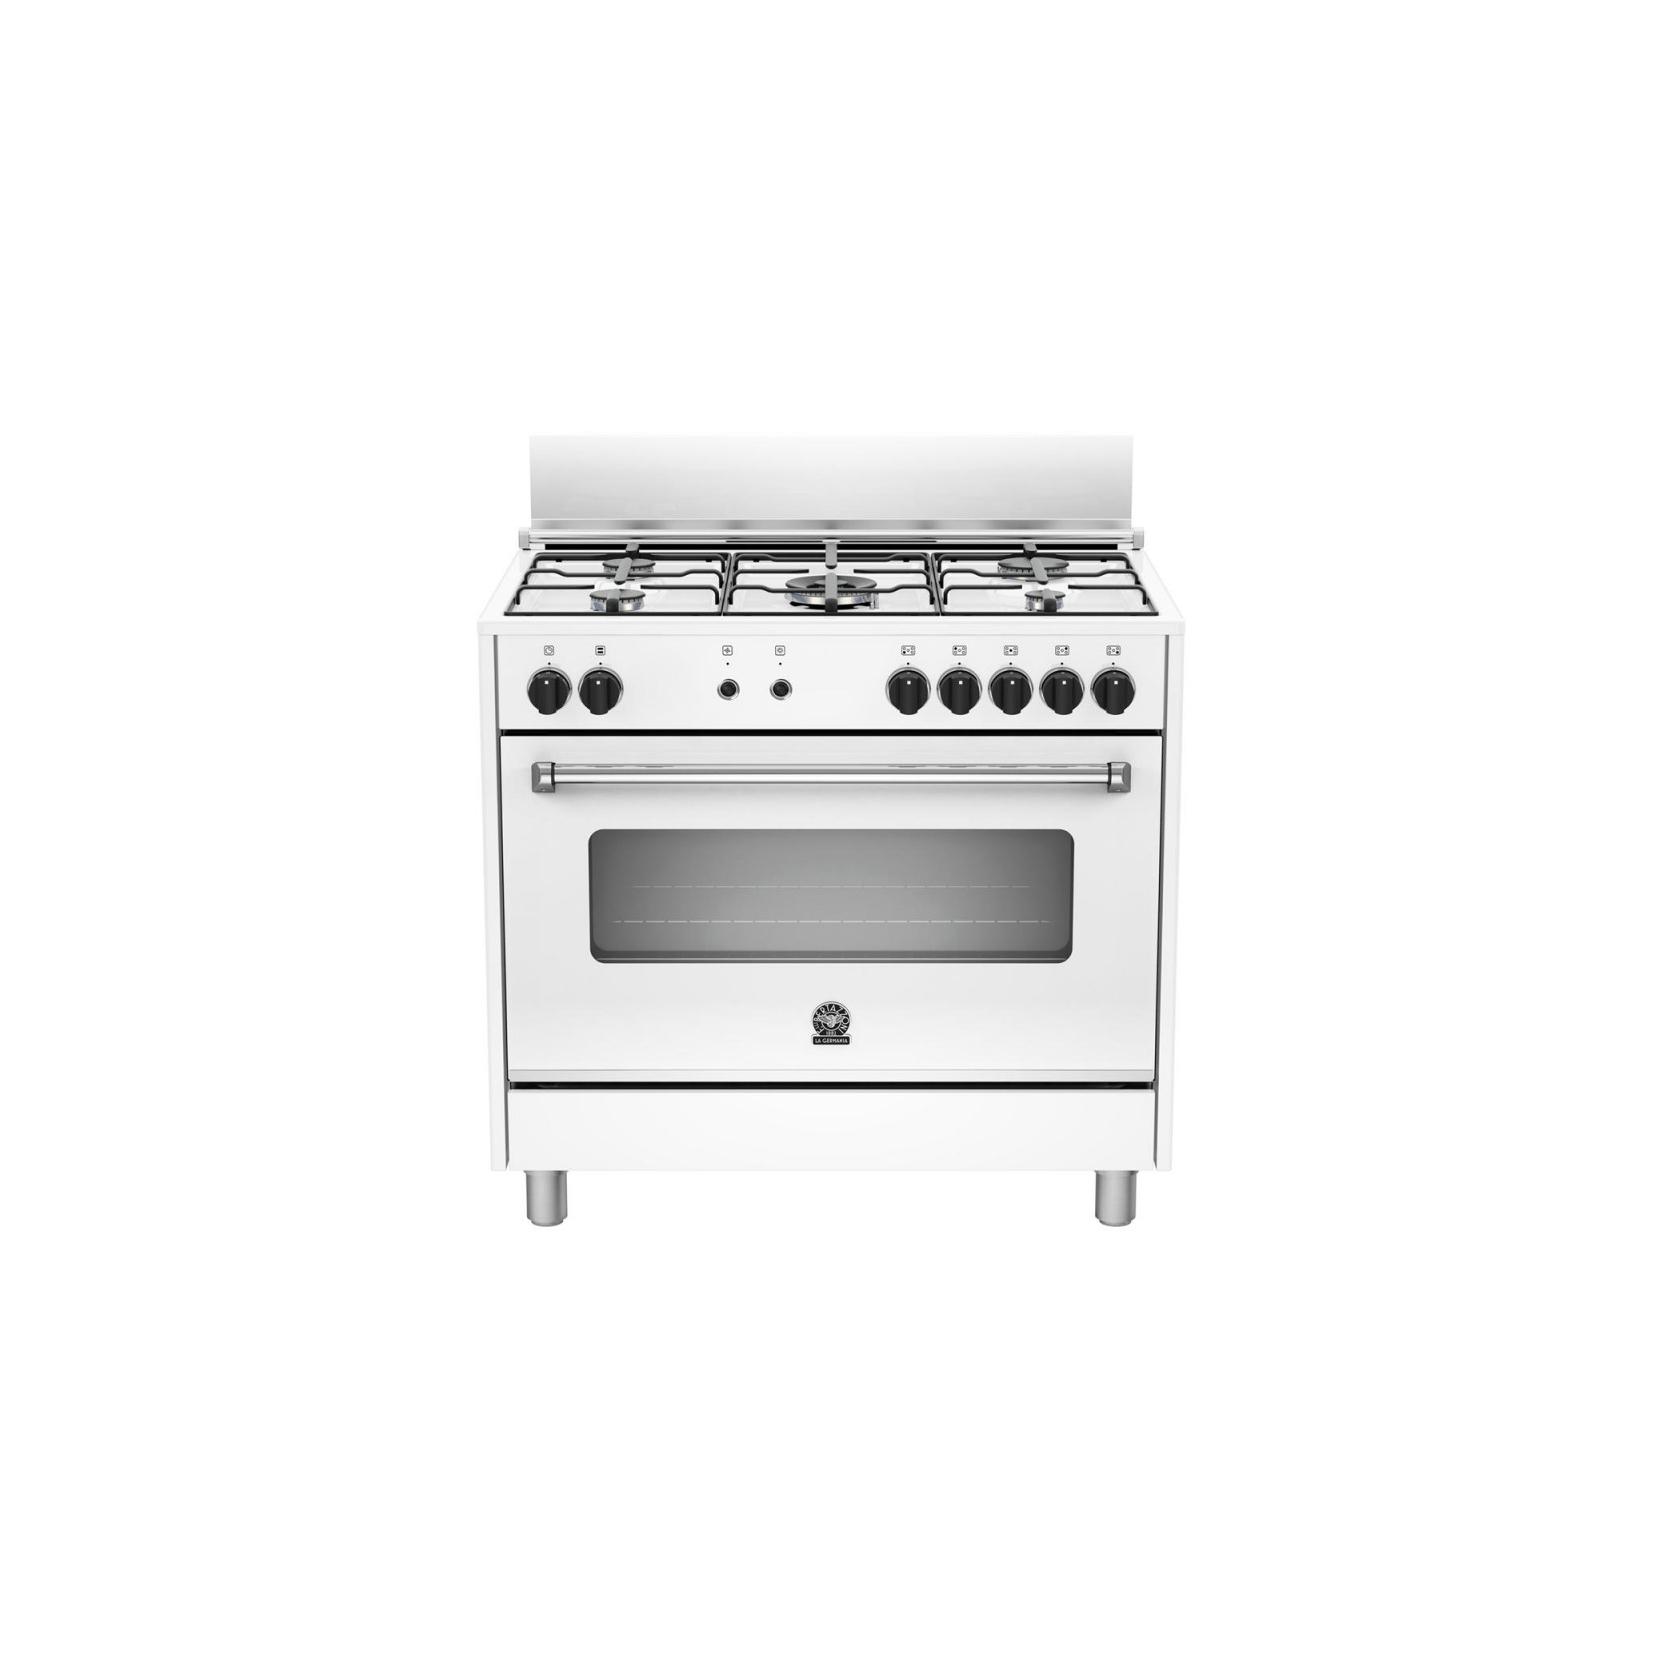 La germania amn905mfeswc cucina 5 fuochi a gas forno - Cucine a gas la germania ...